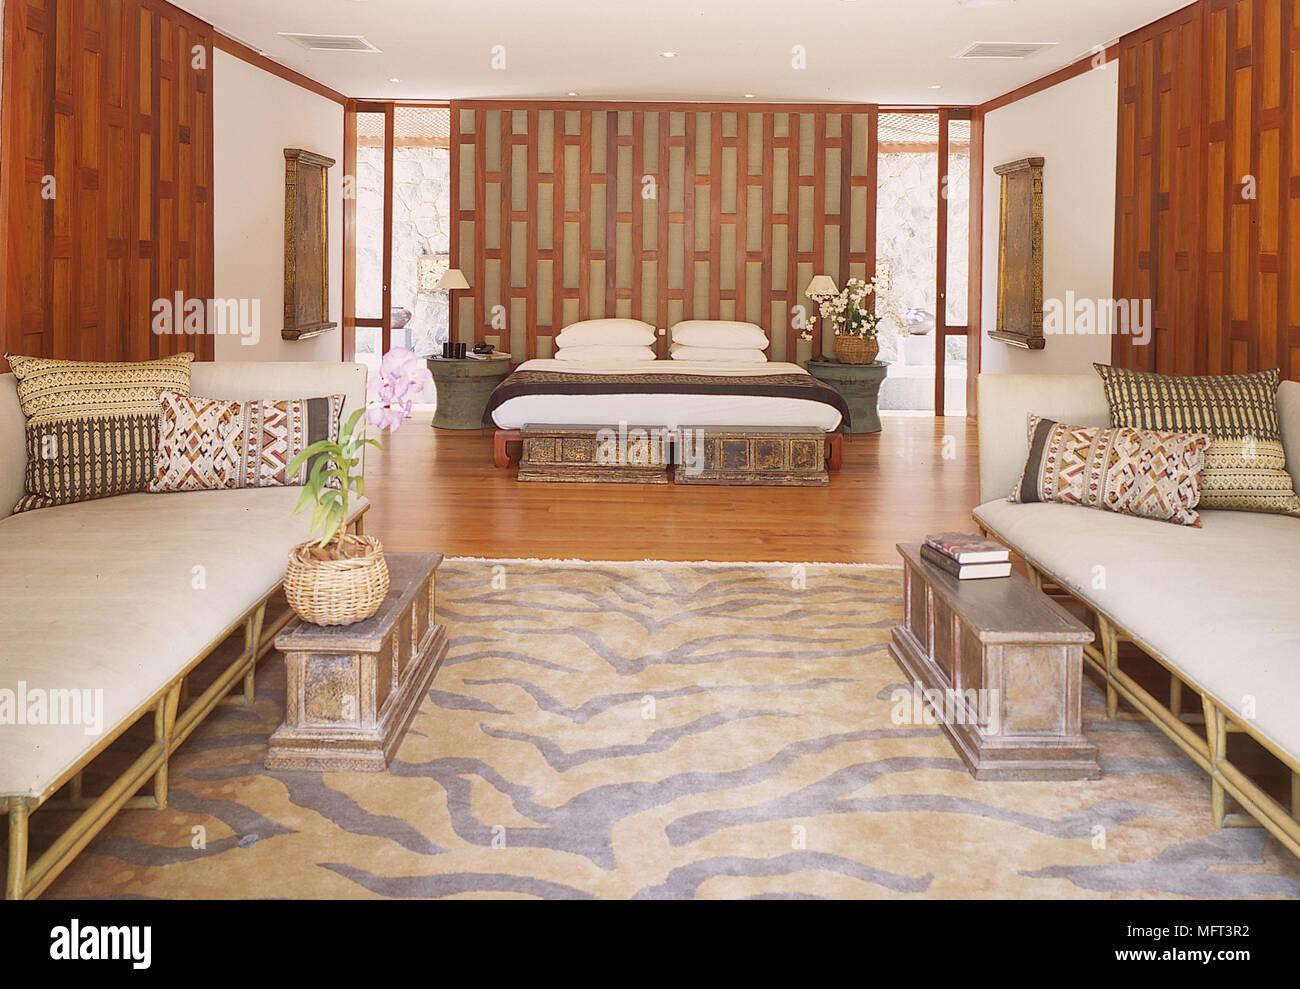 Schlafzimmer Weisse Wande Holztafelung Bodenbelage Zwei Sofas